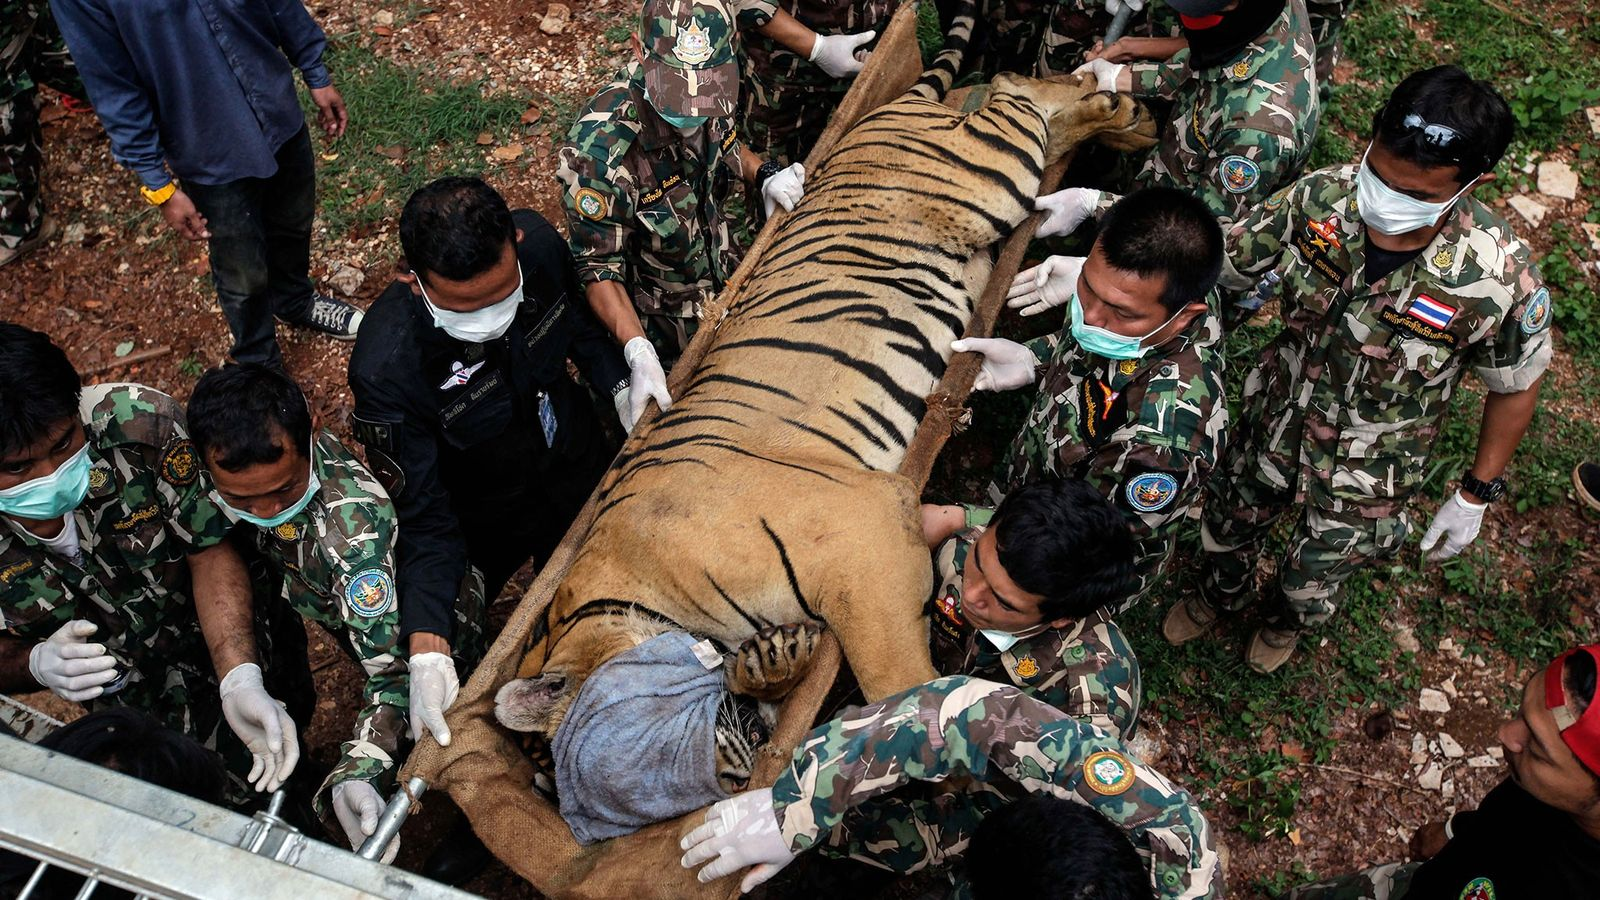 En el 2016, 147 tigres fueron incautados en una redada gubernamental del Templo del Tigre en ...